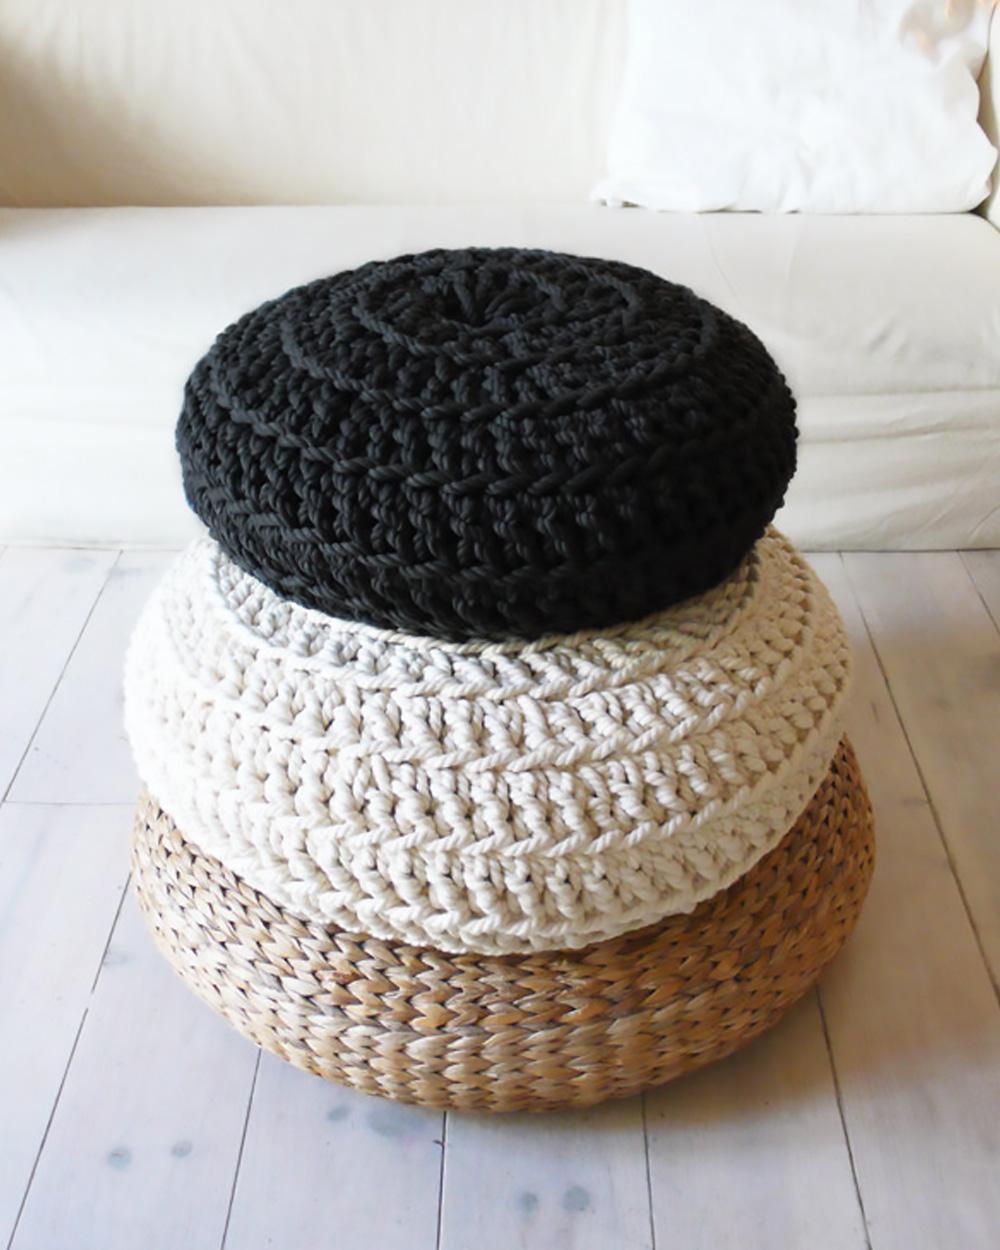 coussin sol crochet noir